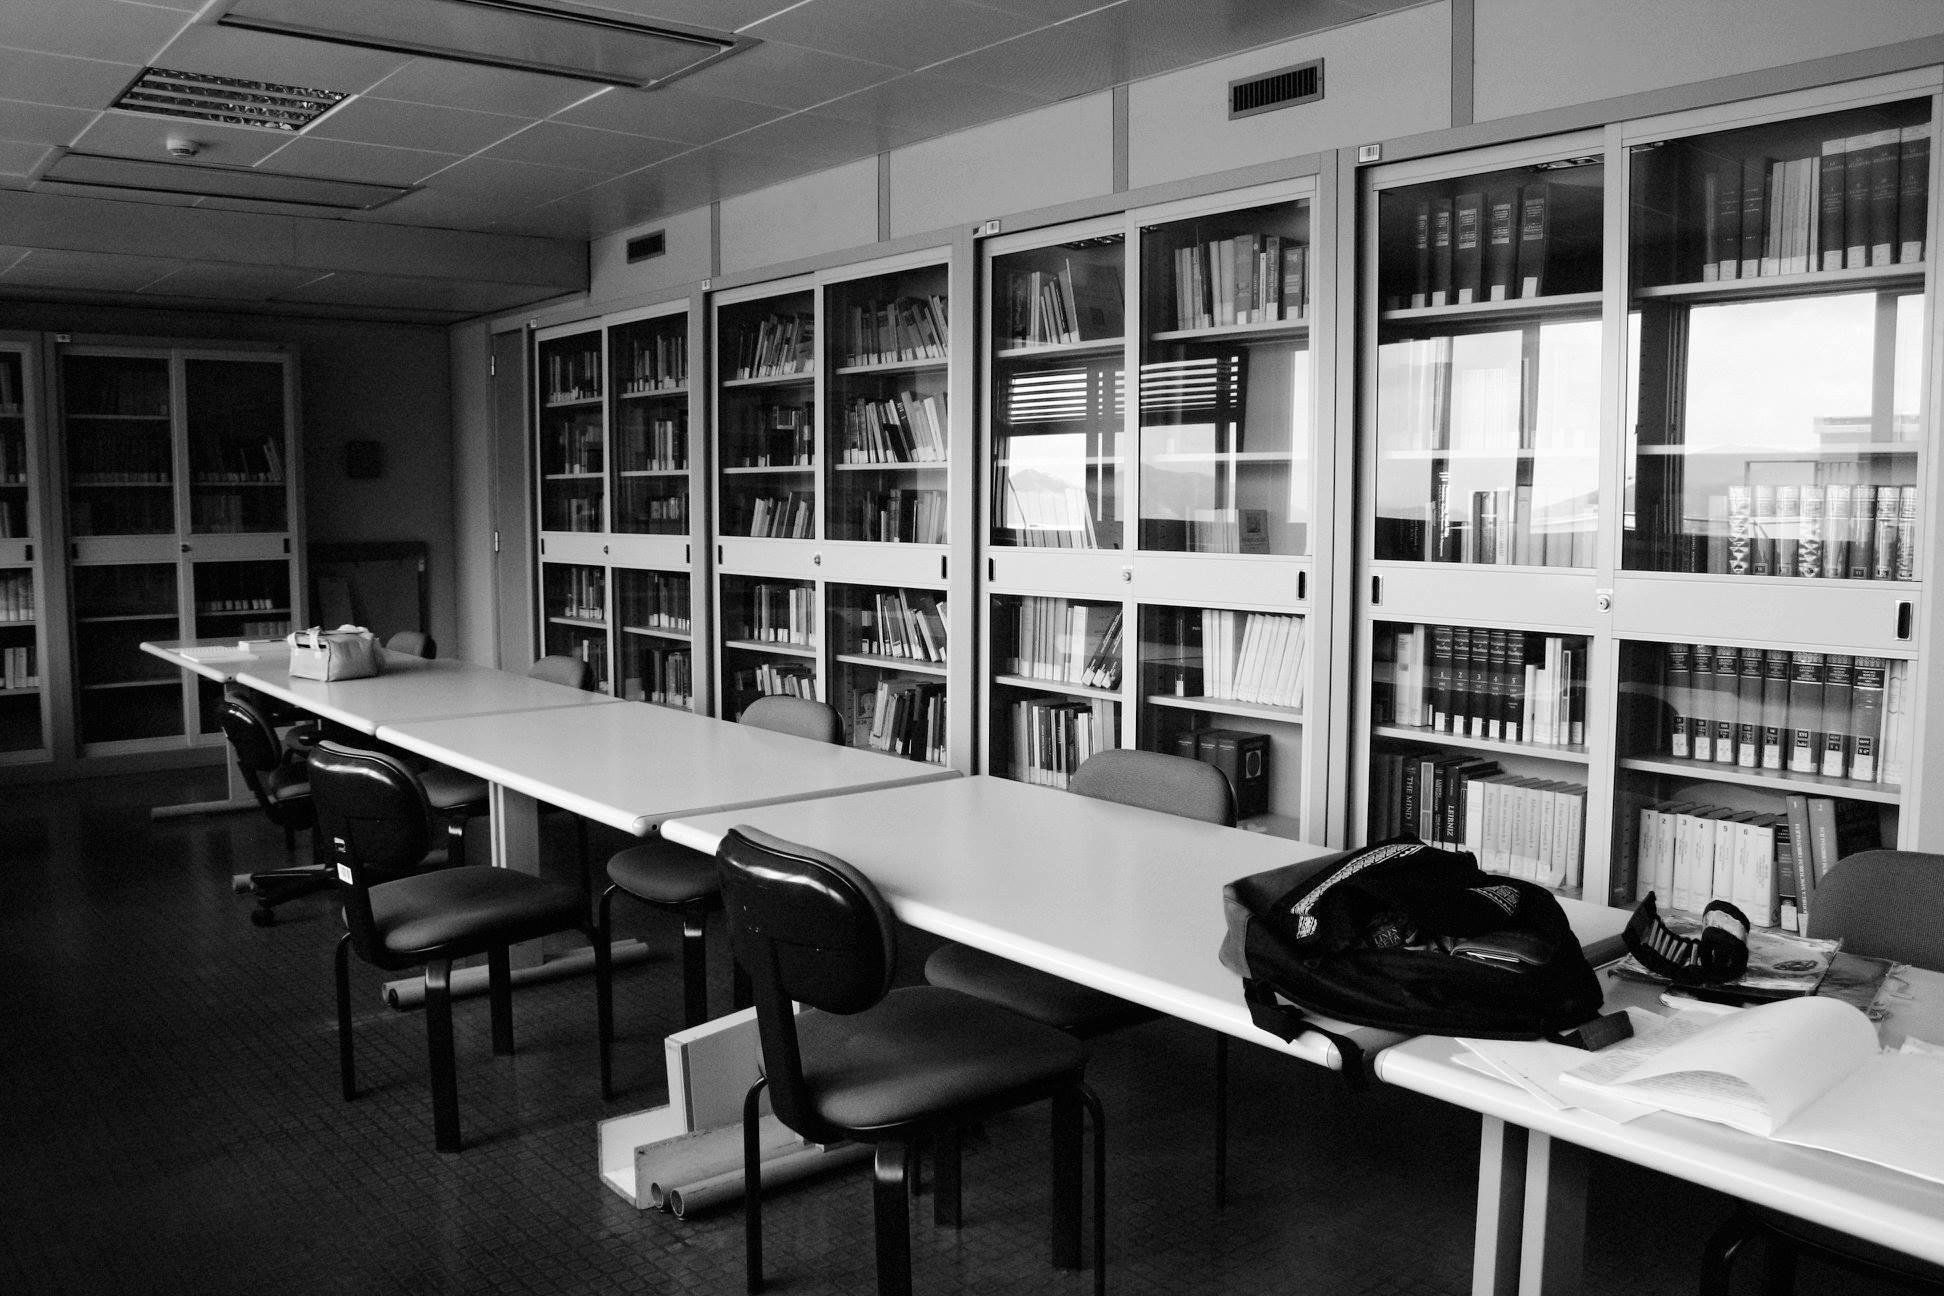 Biblioteca filosofia: vandalizzata l'idea di uno spazio per gli studenti